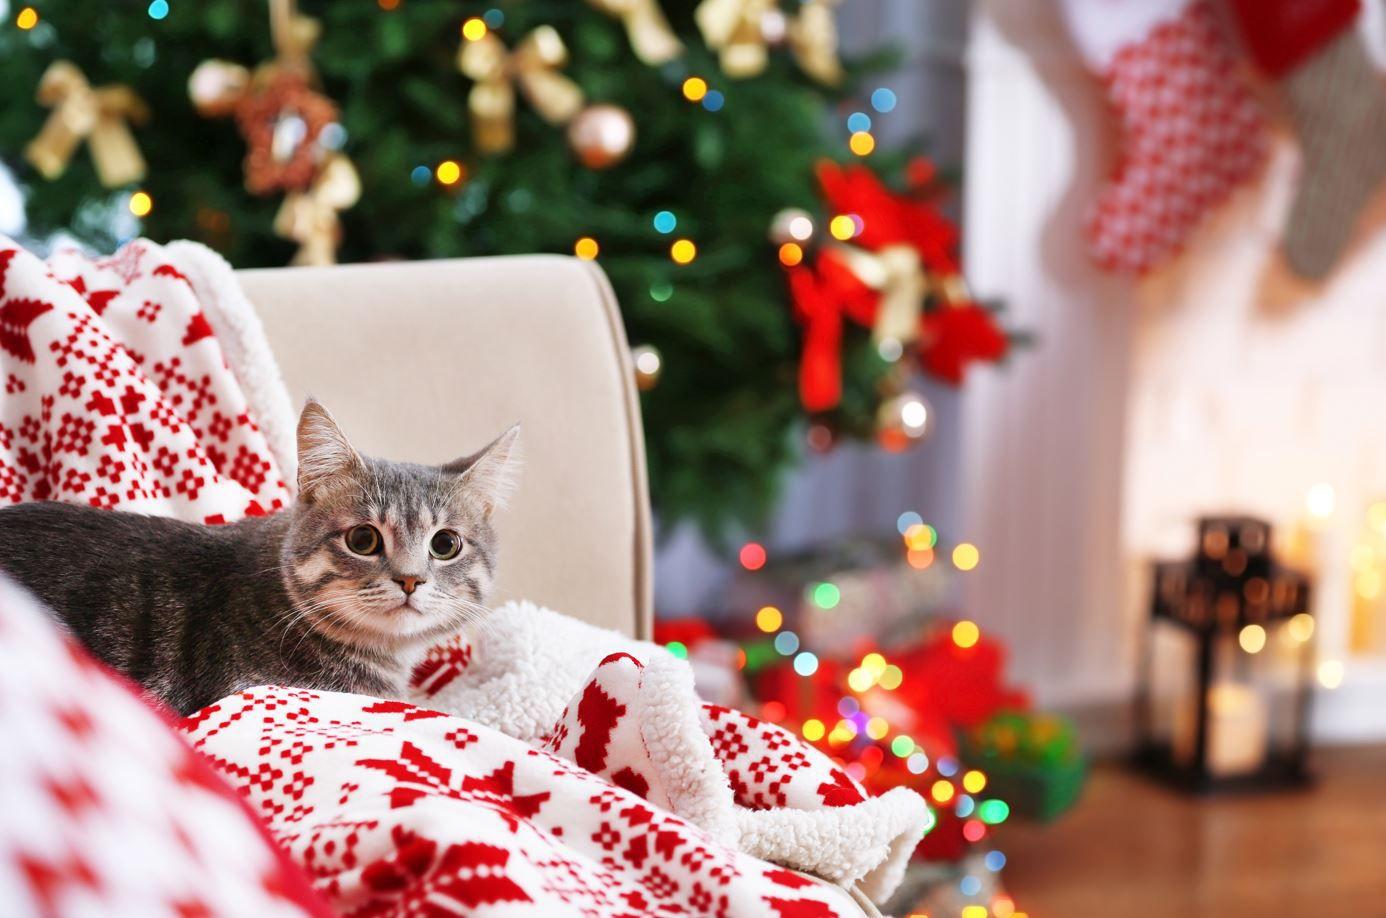 Les meilleures calendriers de l'Avent 2021 pour chat